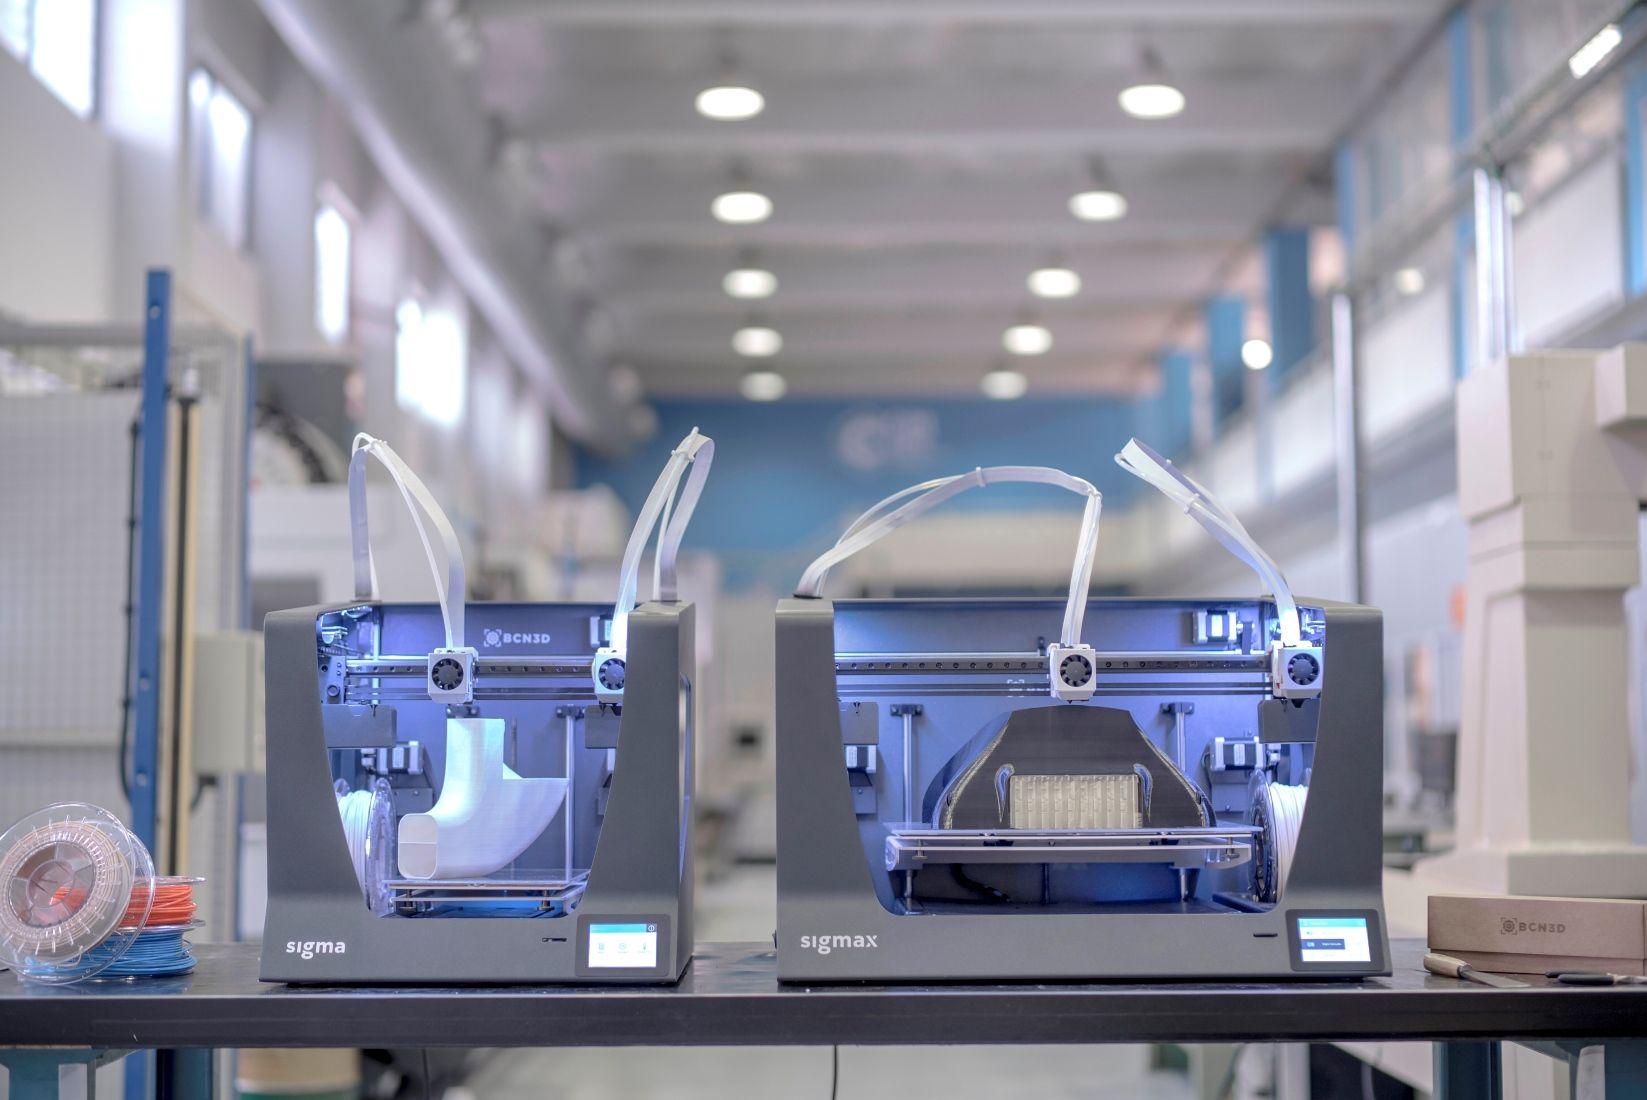 Fotografia Impresoras 3D Sigma y SigmaX de BCN3D